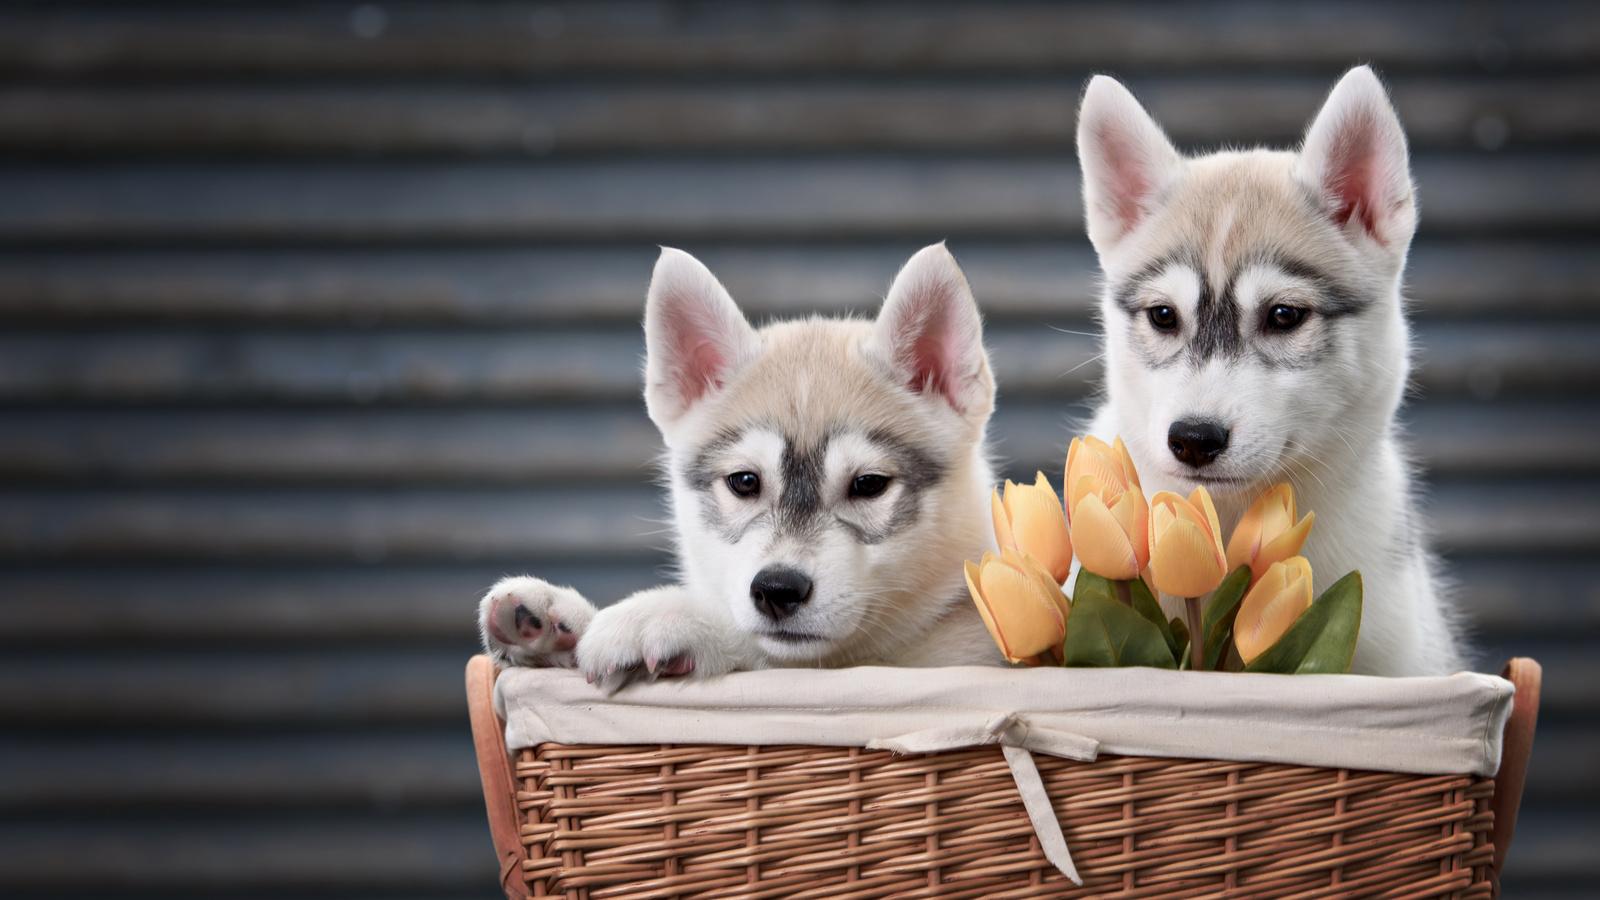 животные, собаки, щенки, щенята, хаски, пара, корзина, цветы, тюльпаны